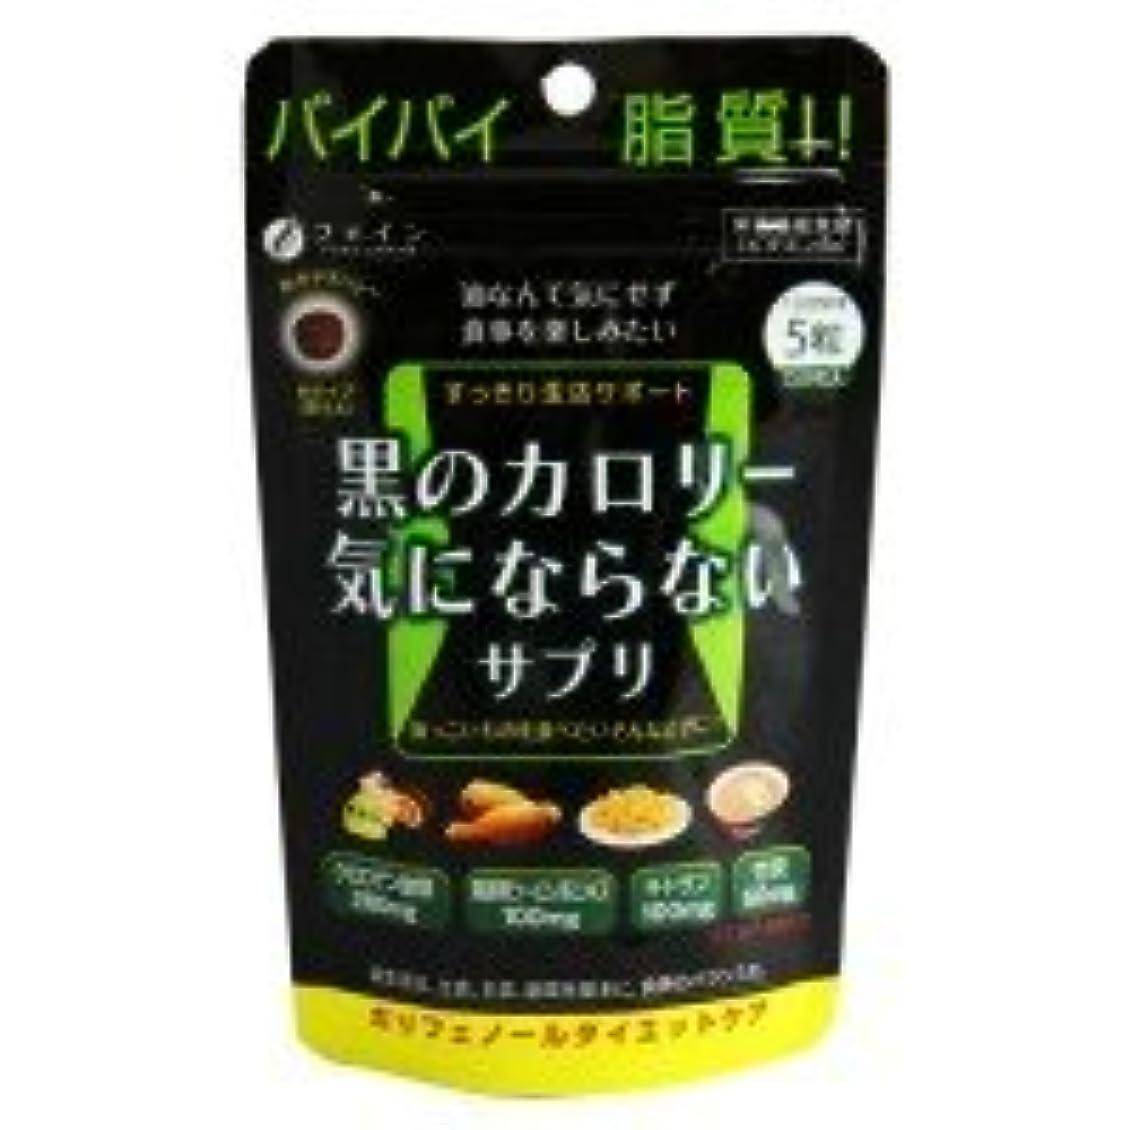 商人ディンカルビル確かなファイン 黒のカロリー気にならない 栄養機能食品(ビタミンB6) 30g(200mg×150粒)